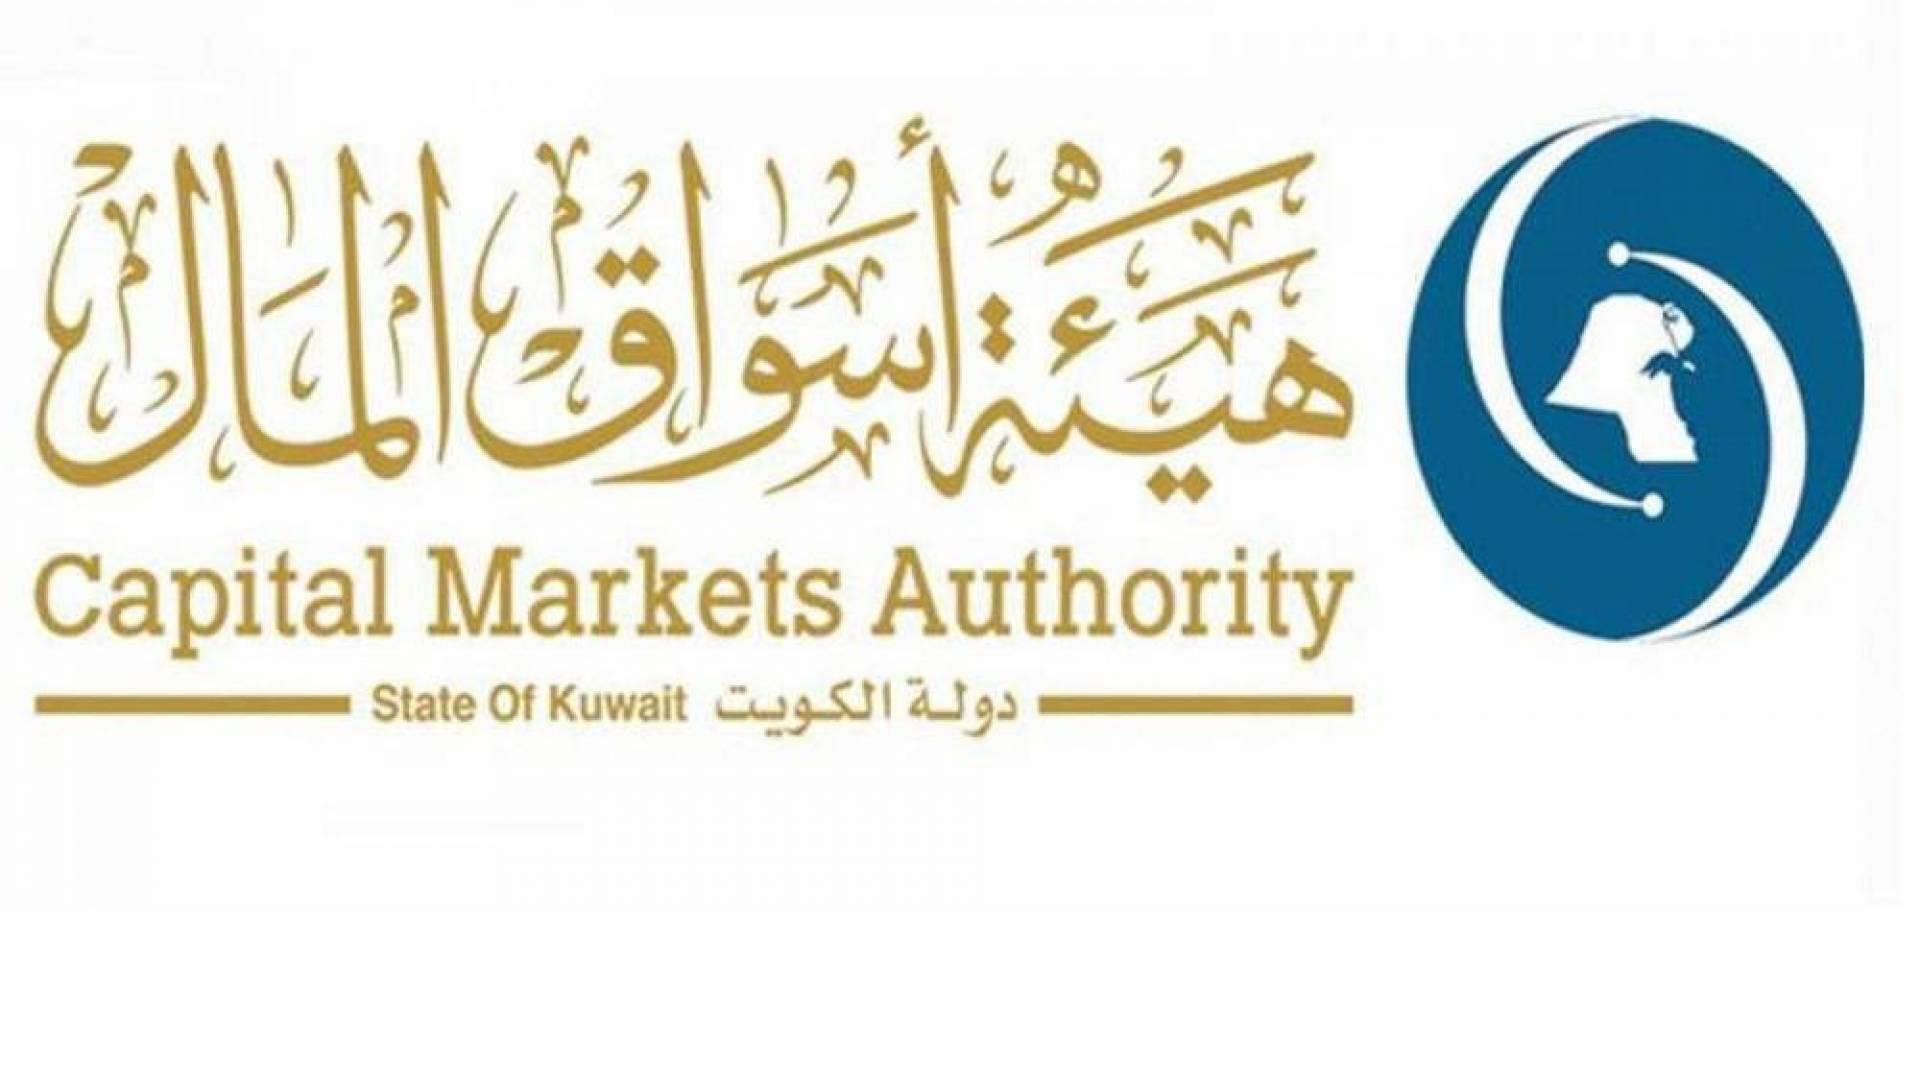 هيئة أسواق المال تعلن خطتها للعودة للعمل بعد رفع الحظر الكلي